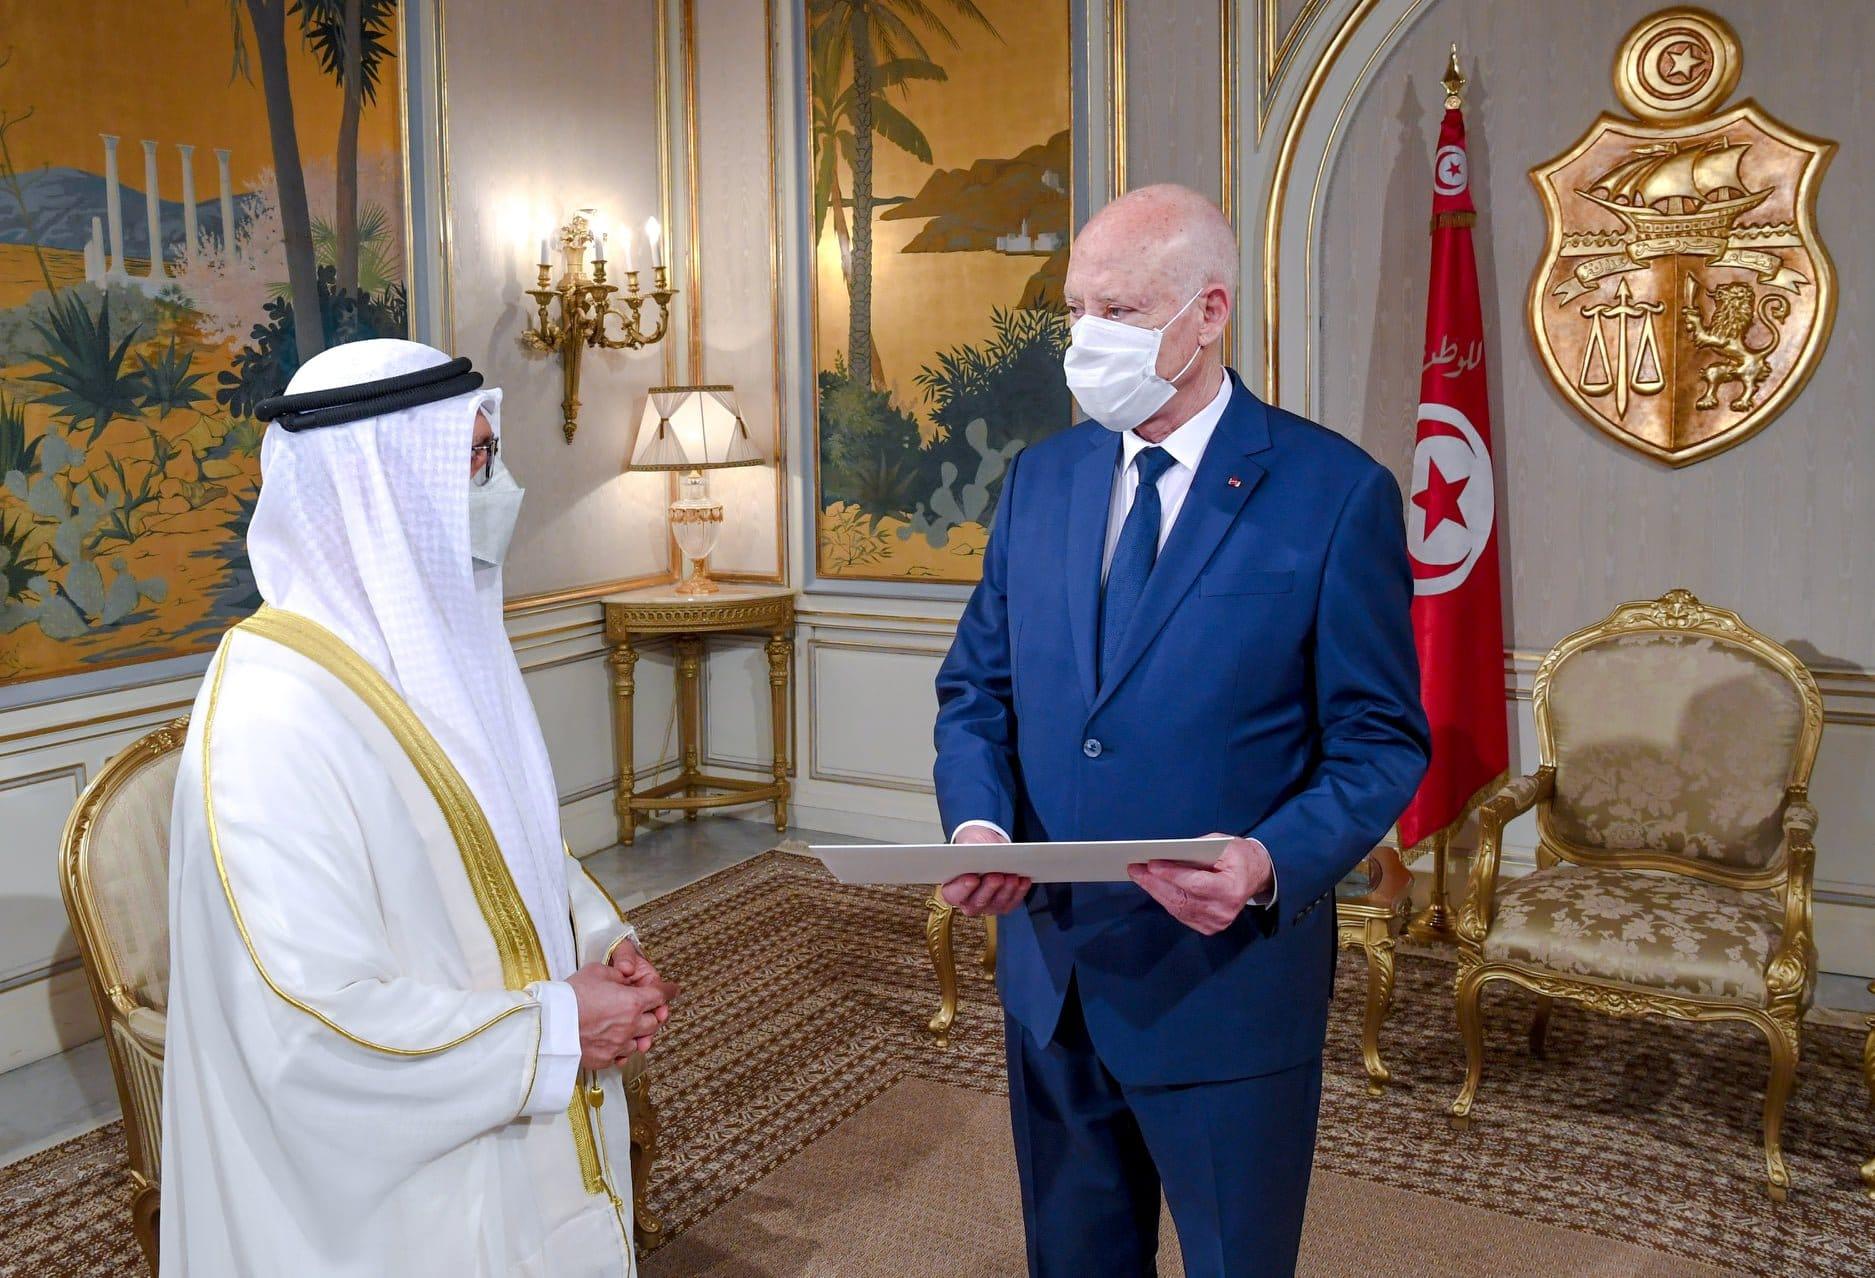 تفاصيل لقاء أنور قرقاش بقيس سعيد تزامنا مع تقارير تحدثت عن وقوف الإمارات وراء انقلاب تونس